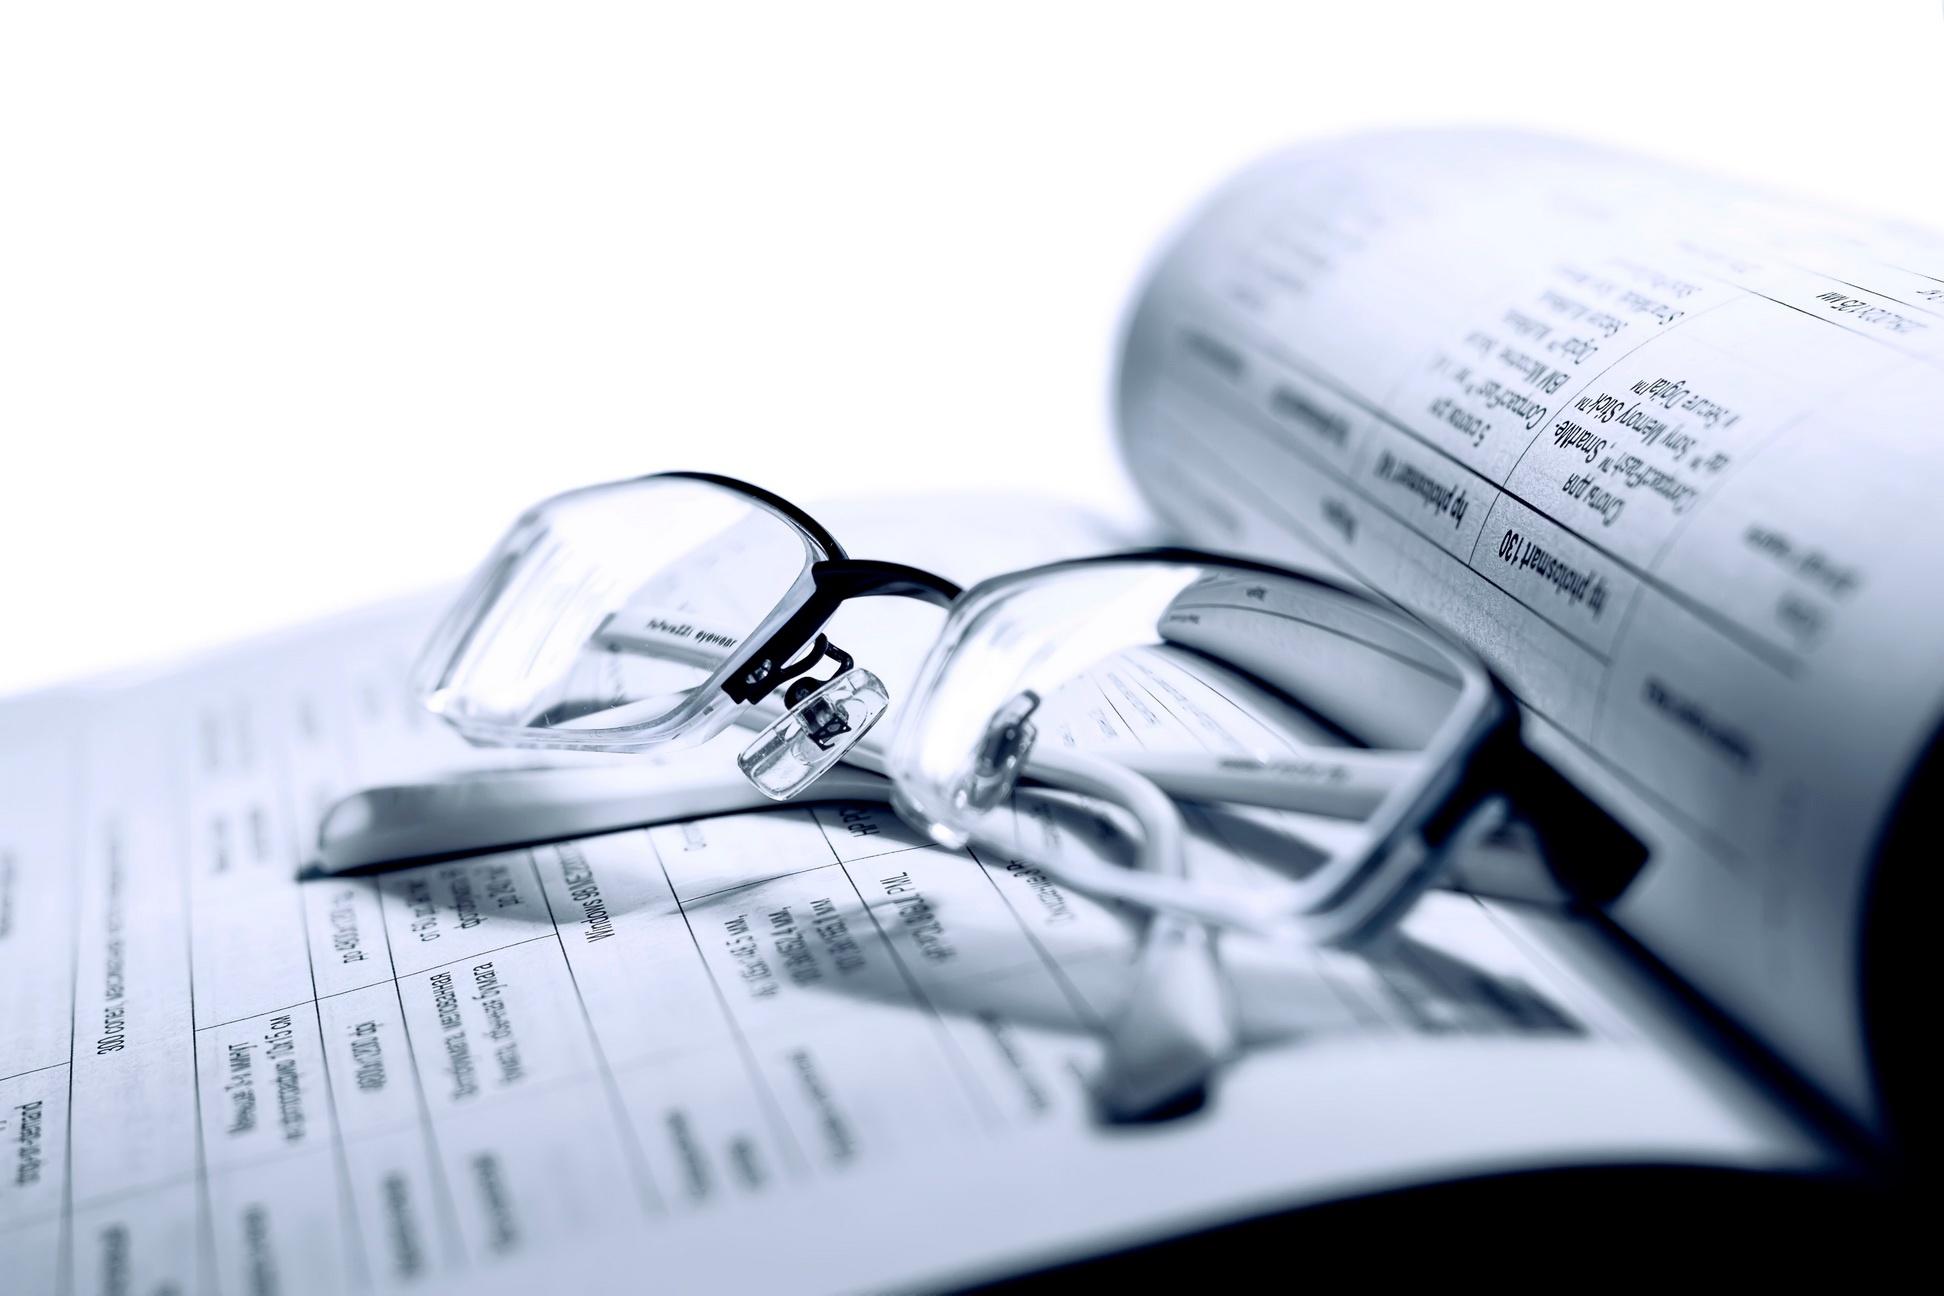 stockvault-book-ampamp-glasses-127786.jpg